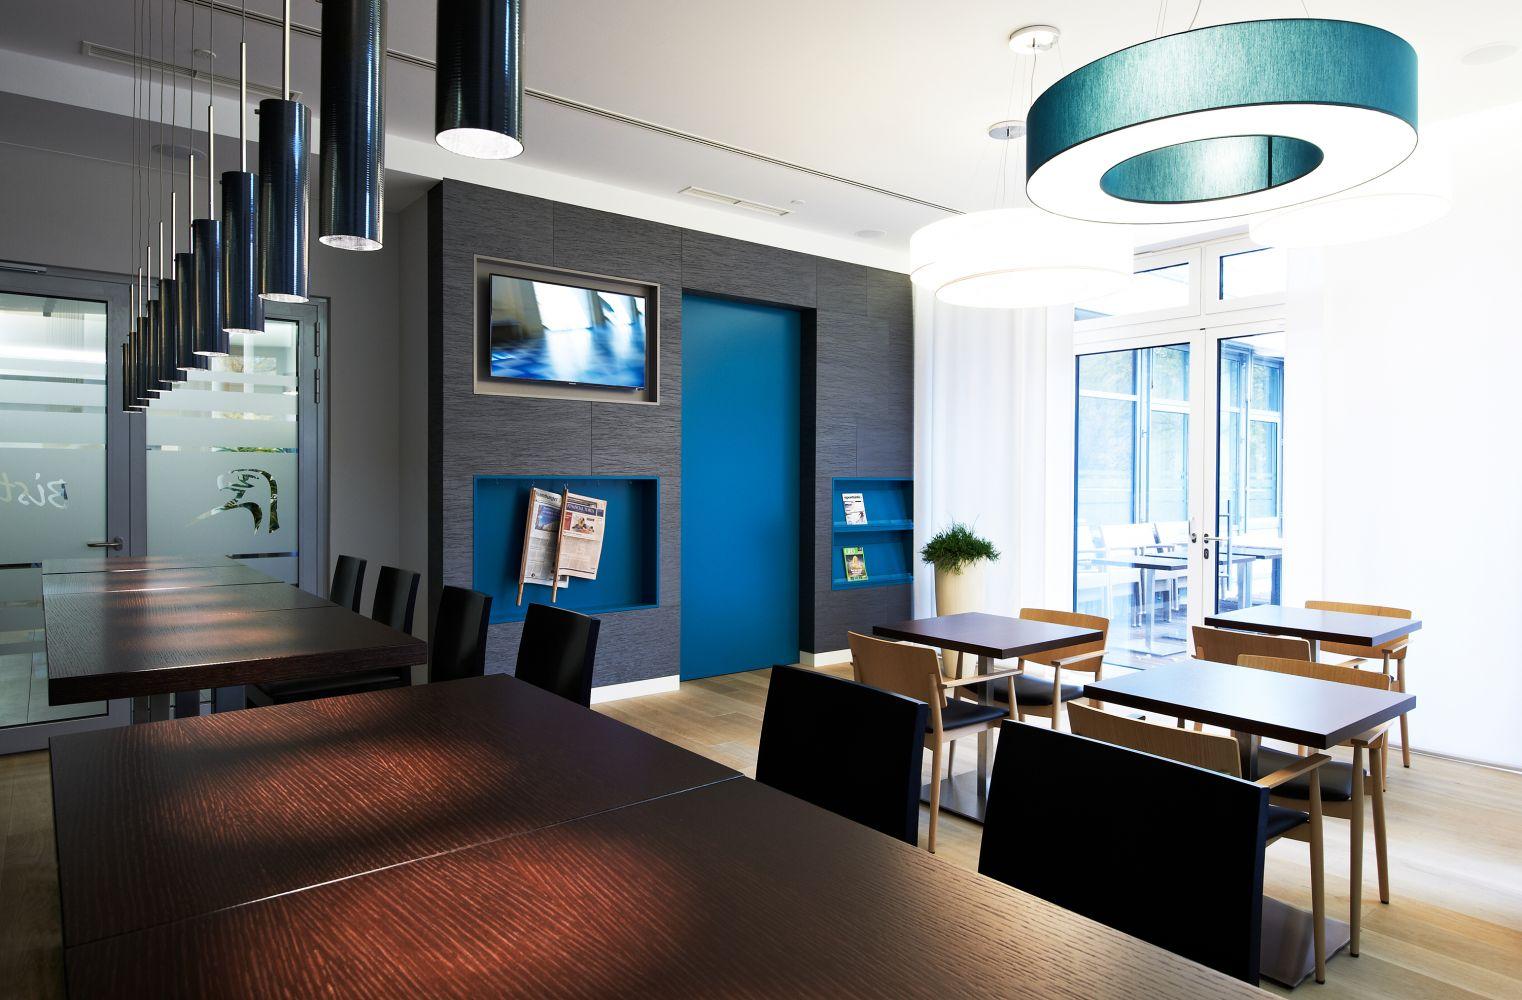 adlershorst baugenossenschaft eg g rtner internationale. Black Bedroom Furniture Sets. Home Design Ideas